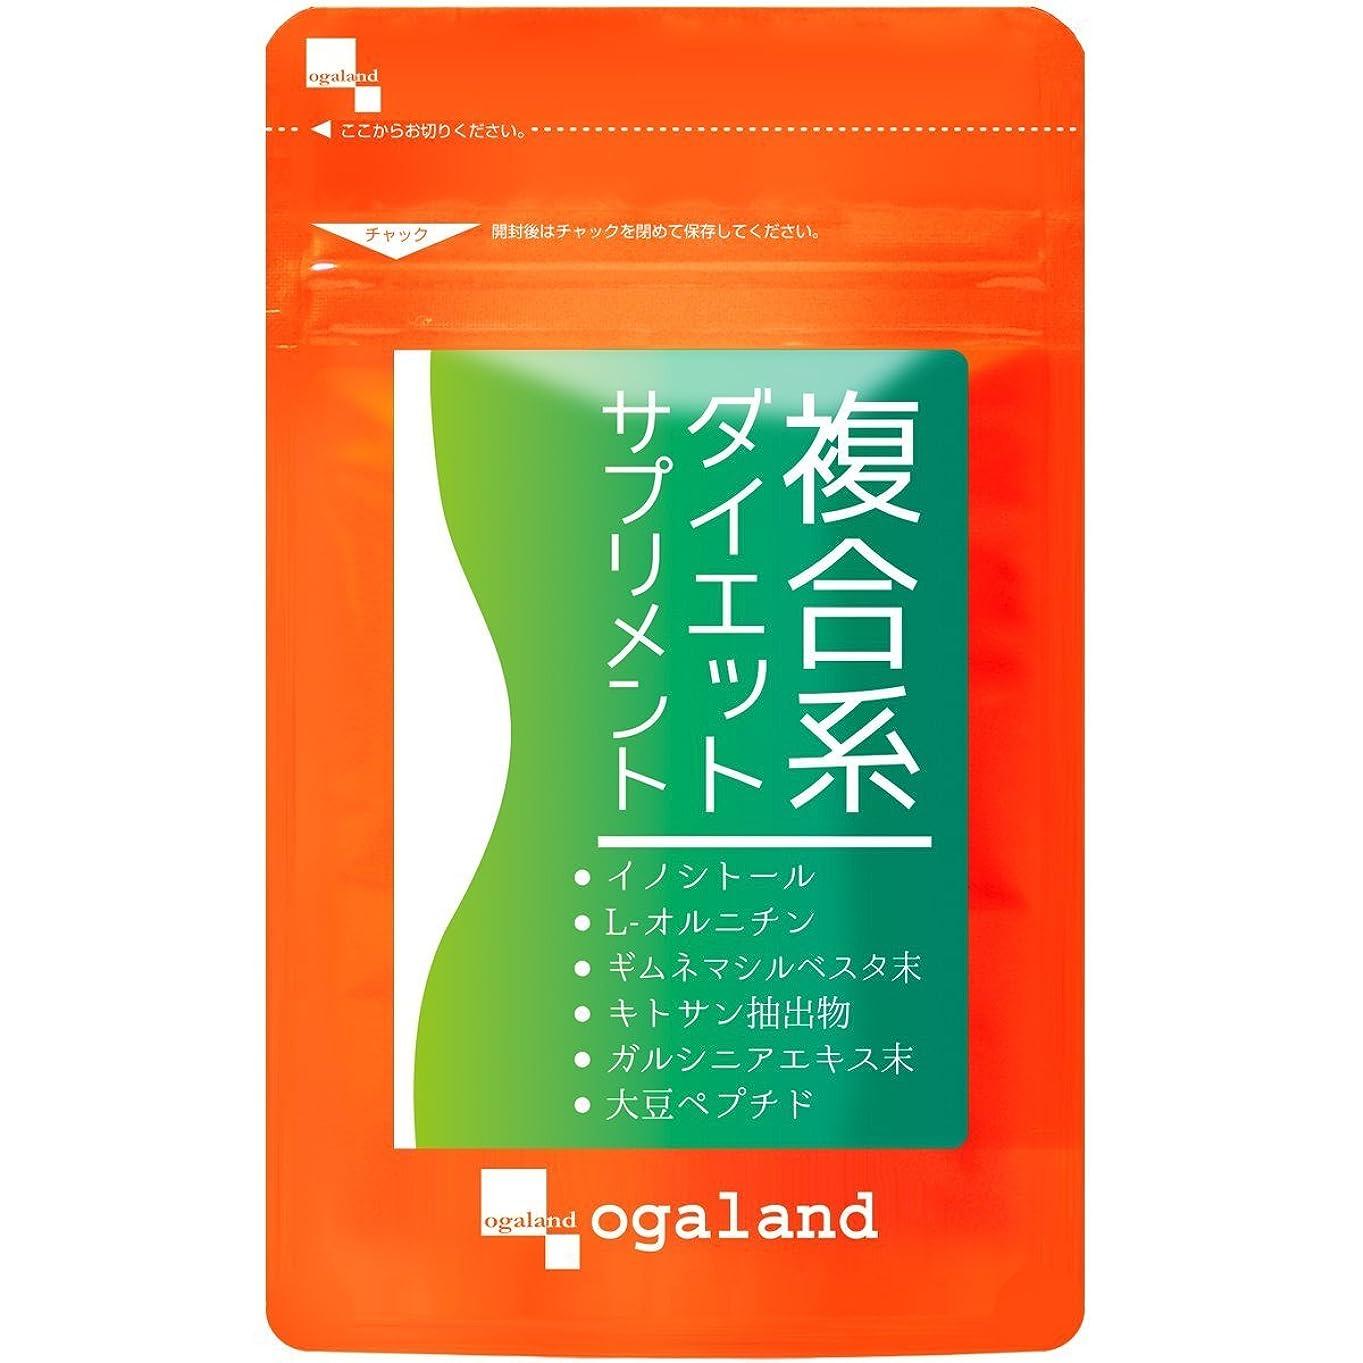 ジレンマソフトウェア本能【Amazon.co.jp限定】複合系ダイエットサプリメント 90粒